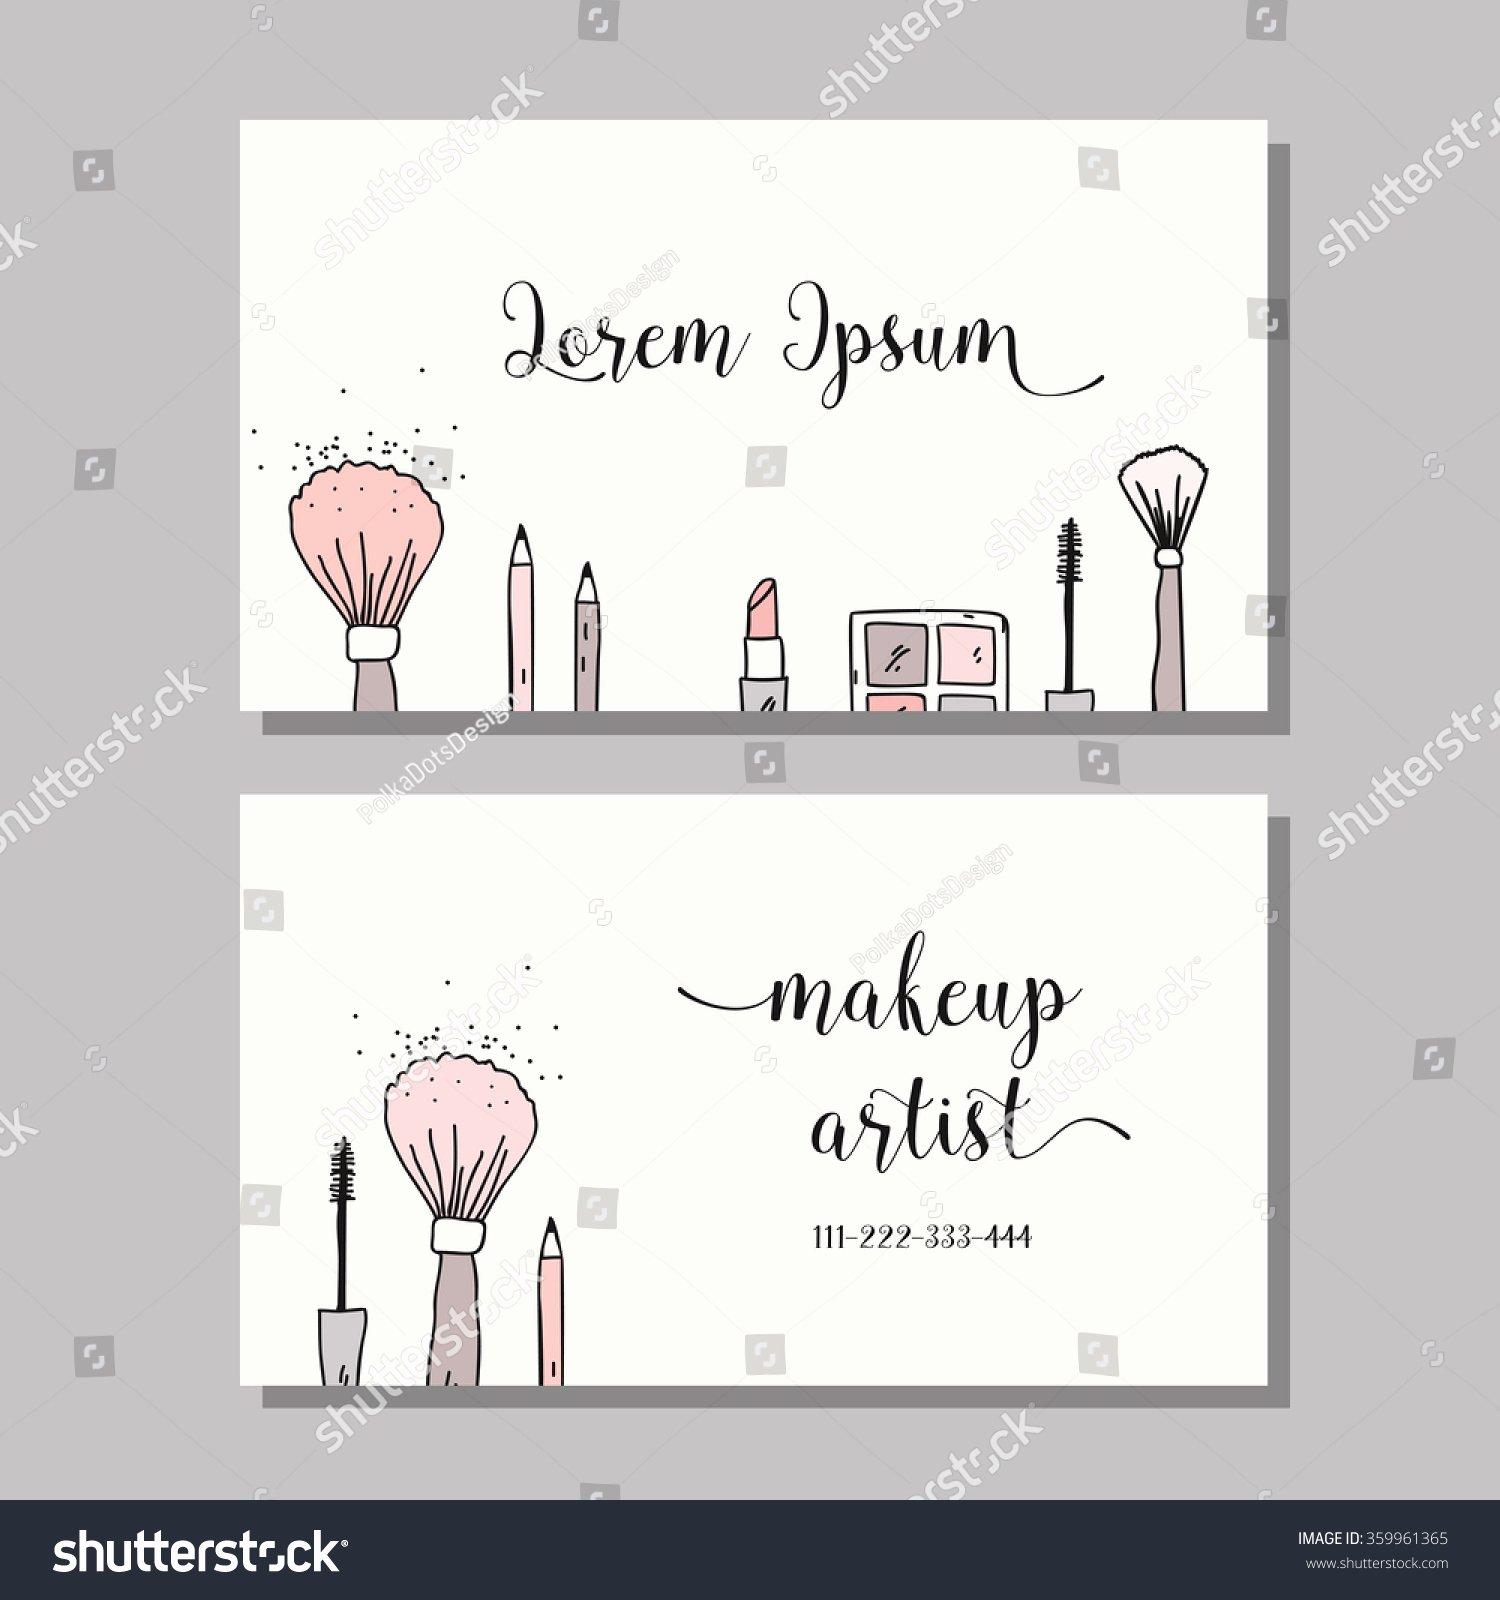 Makeup Artist Website Template Fresh Makeup Artist Business Card Vector Template Stock Vector